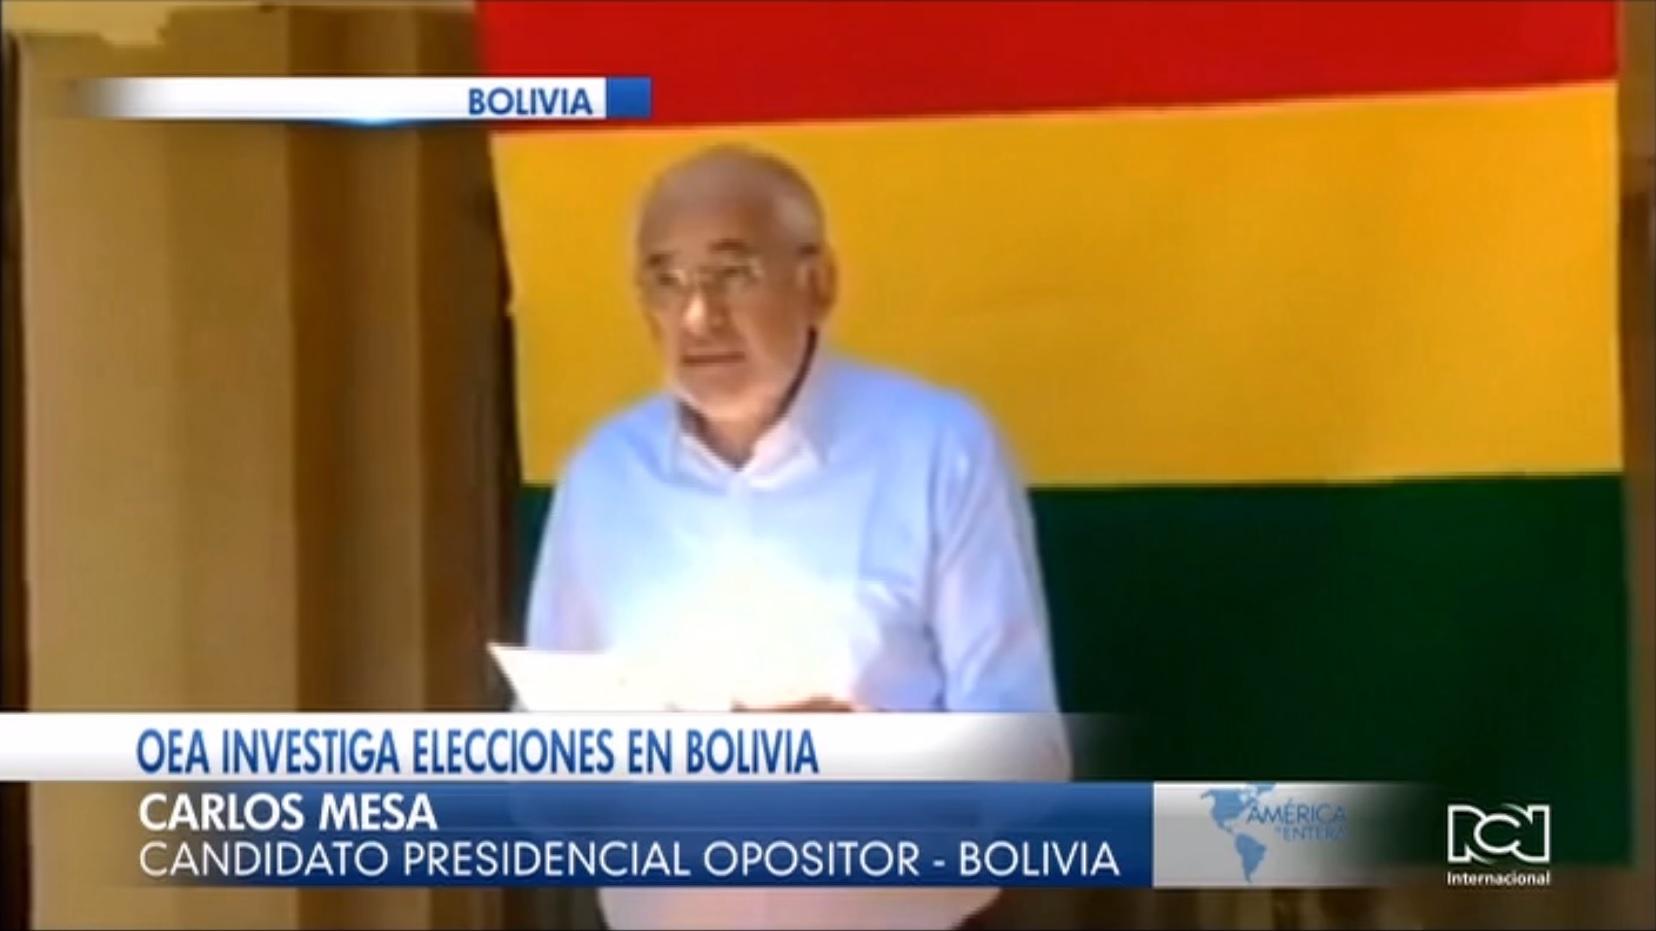 Opositor Carlos Mesa no acepta auditoria de la OEA a los resultados de las elecciones presidenciales en Bolivia